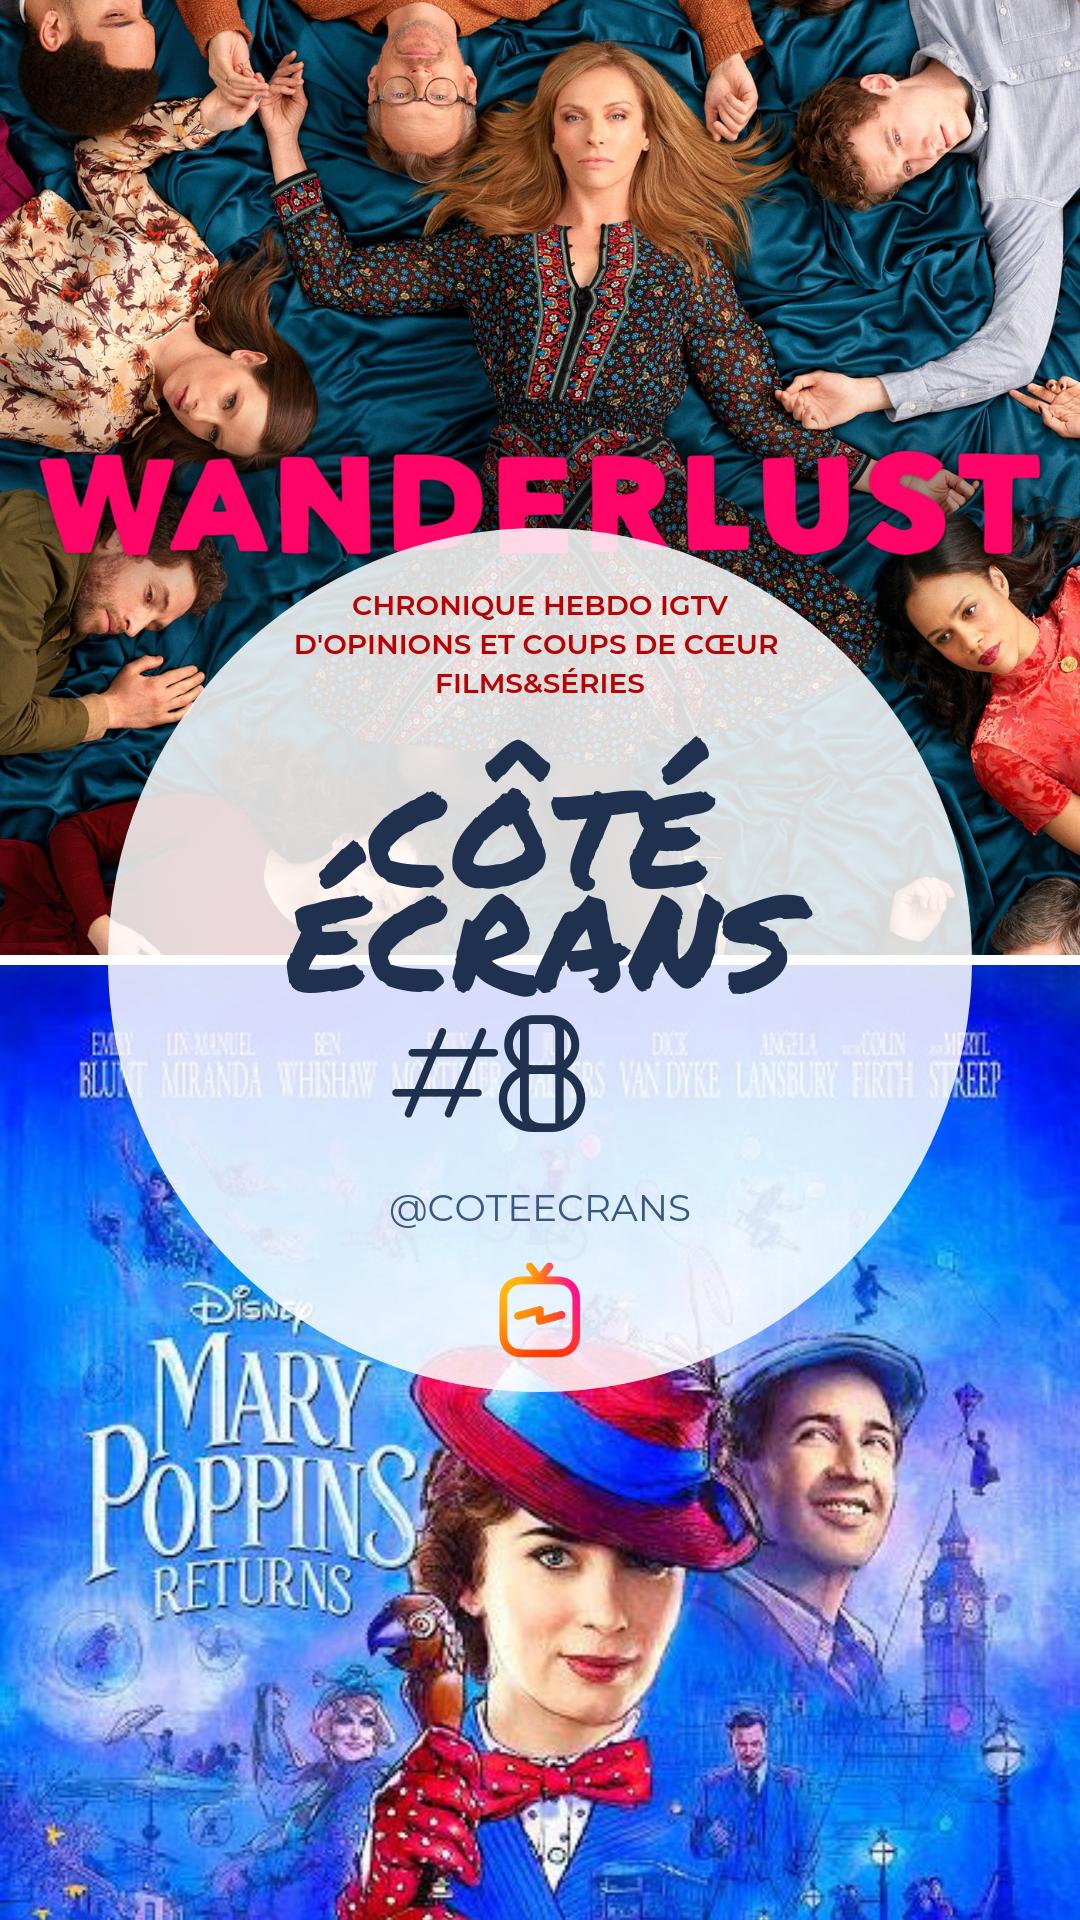 Critique film et serie Wanderlust et Le Retour de Mary Poppins